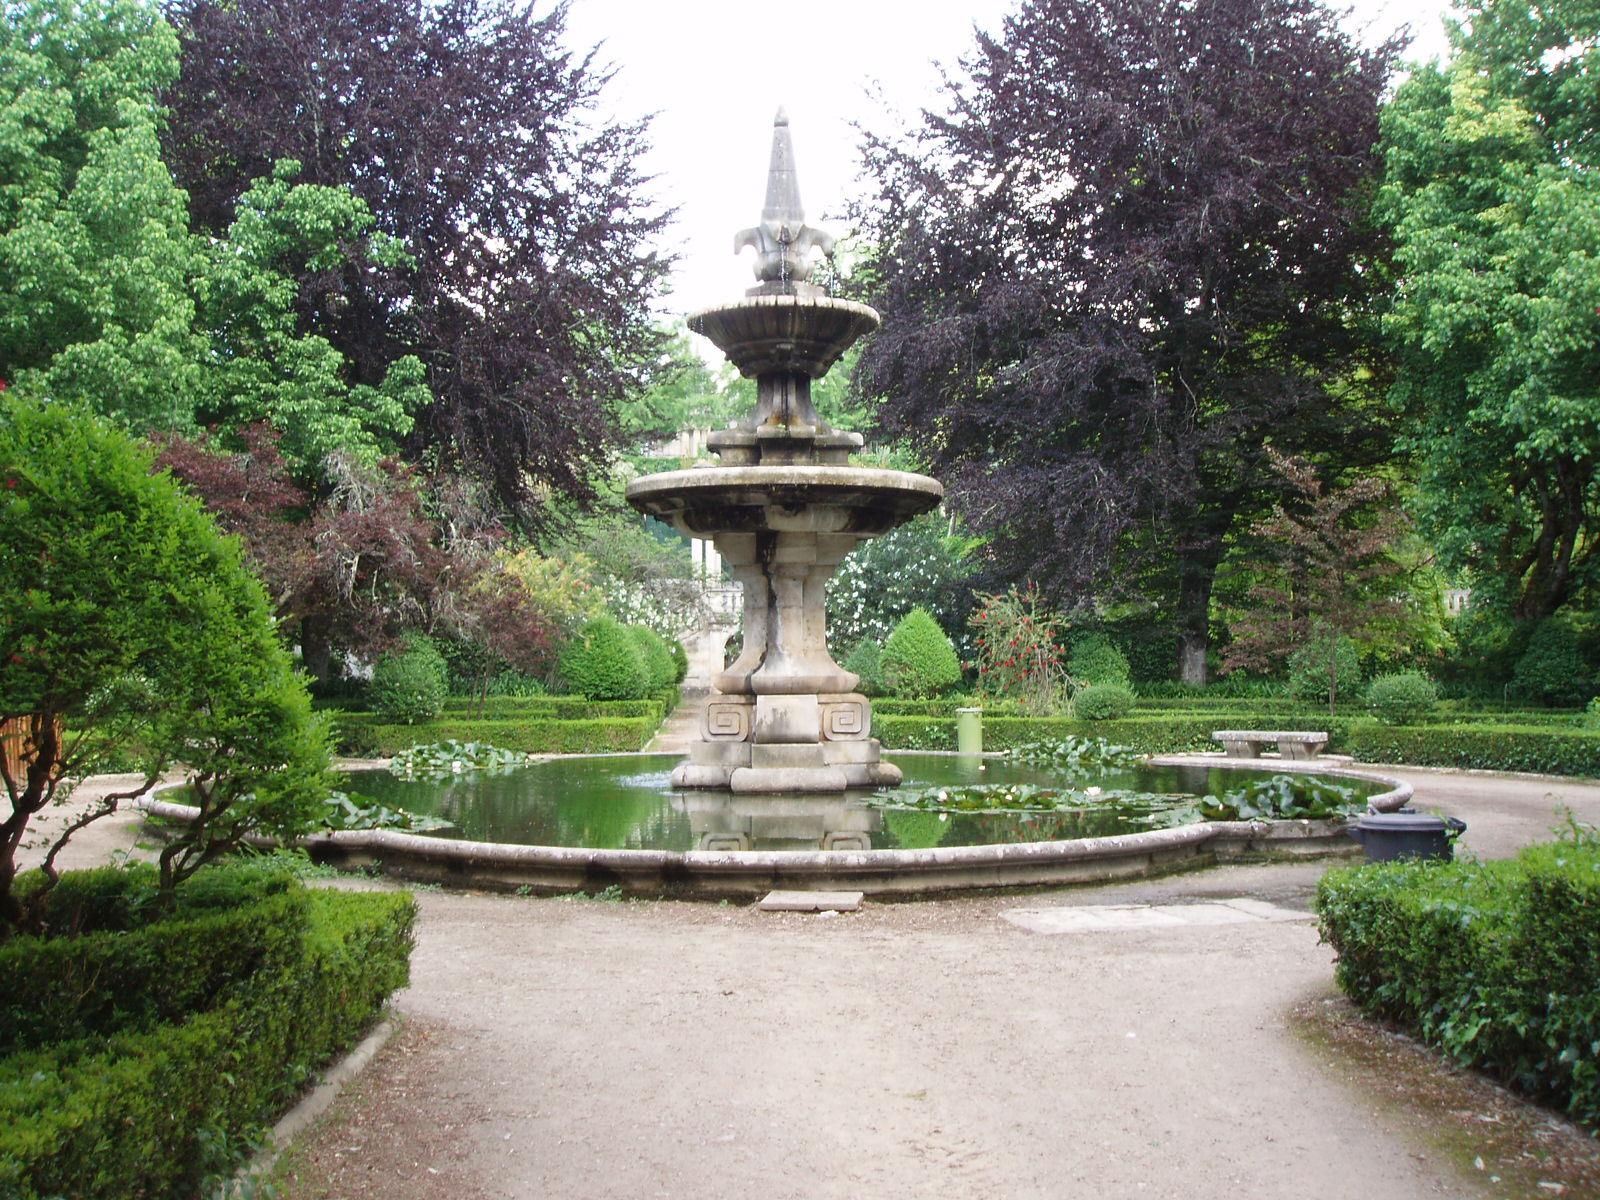 Metido en jardines jard n bot nico de co mbra el jardin for Informacion sobre el jardin botanico